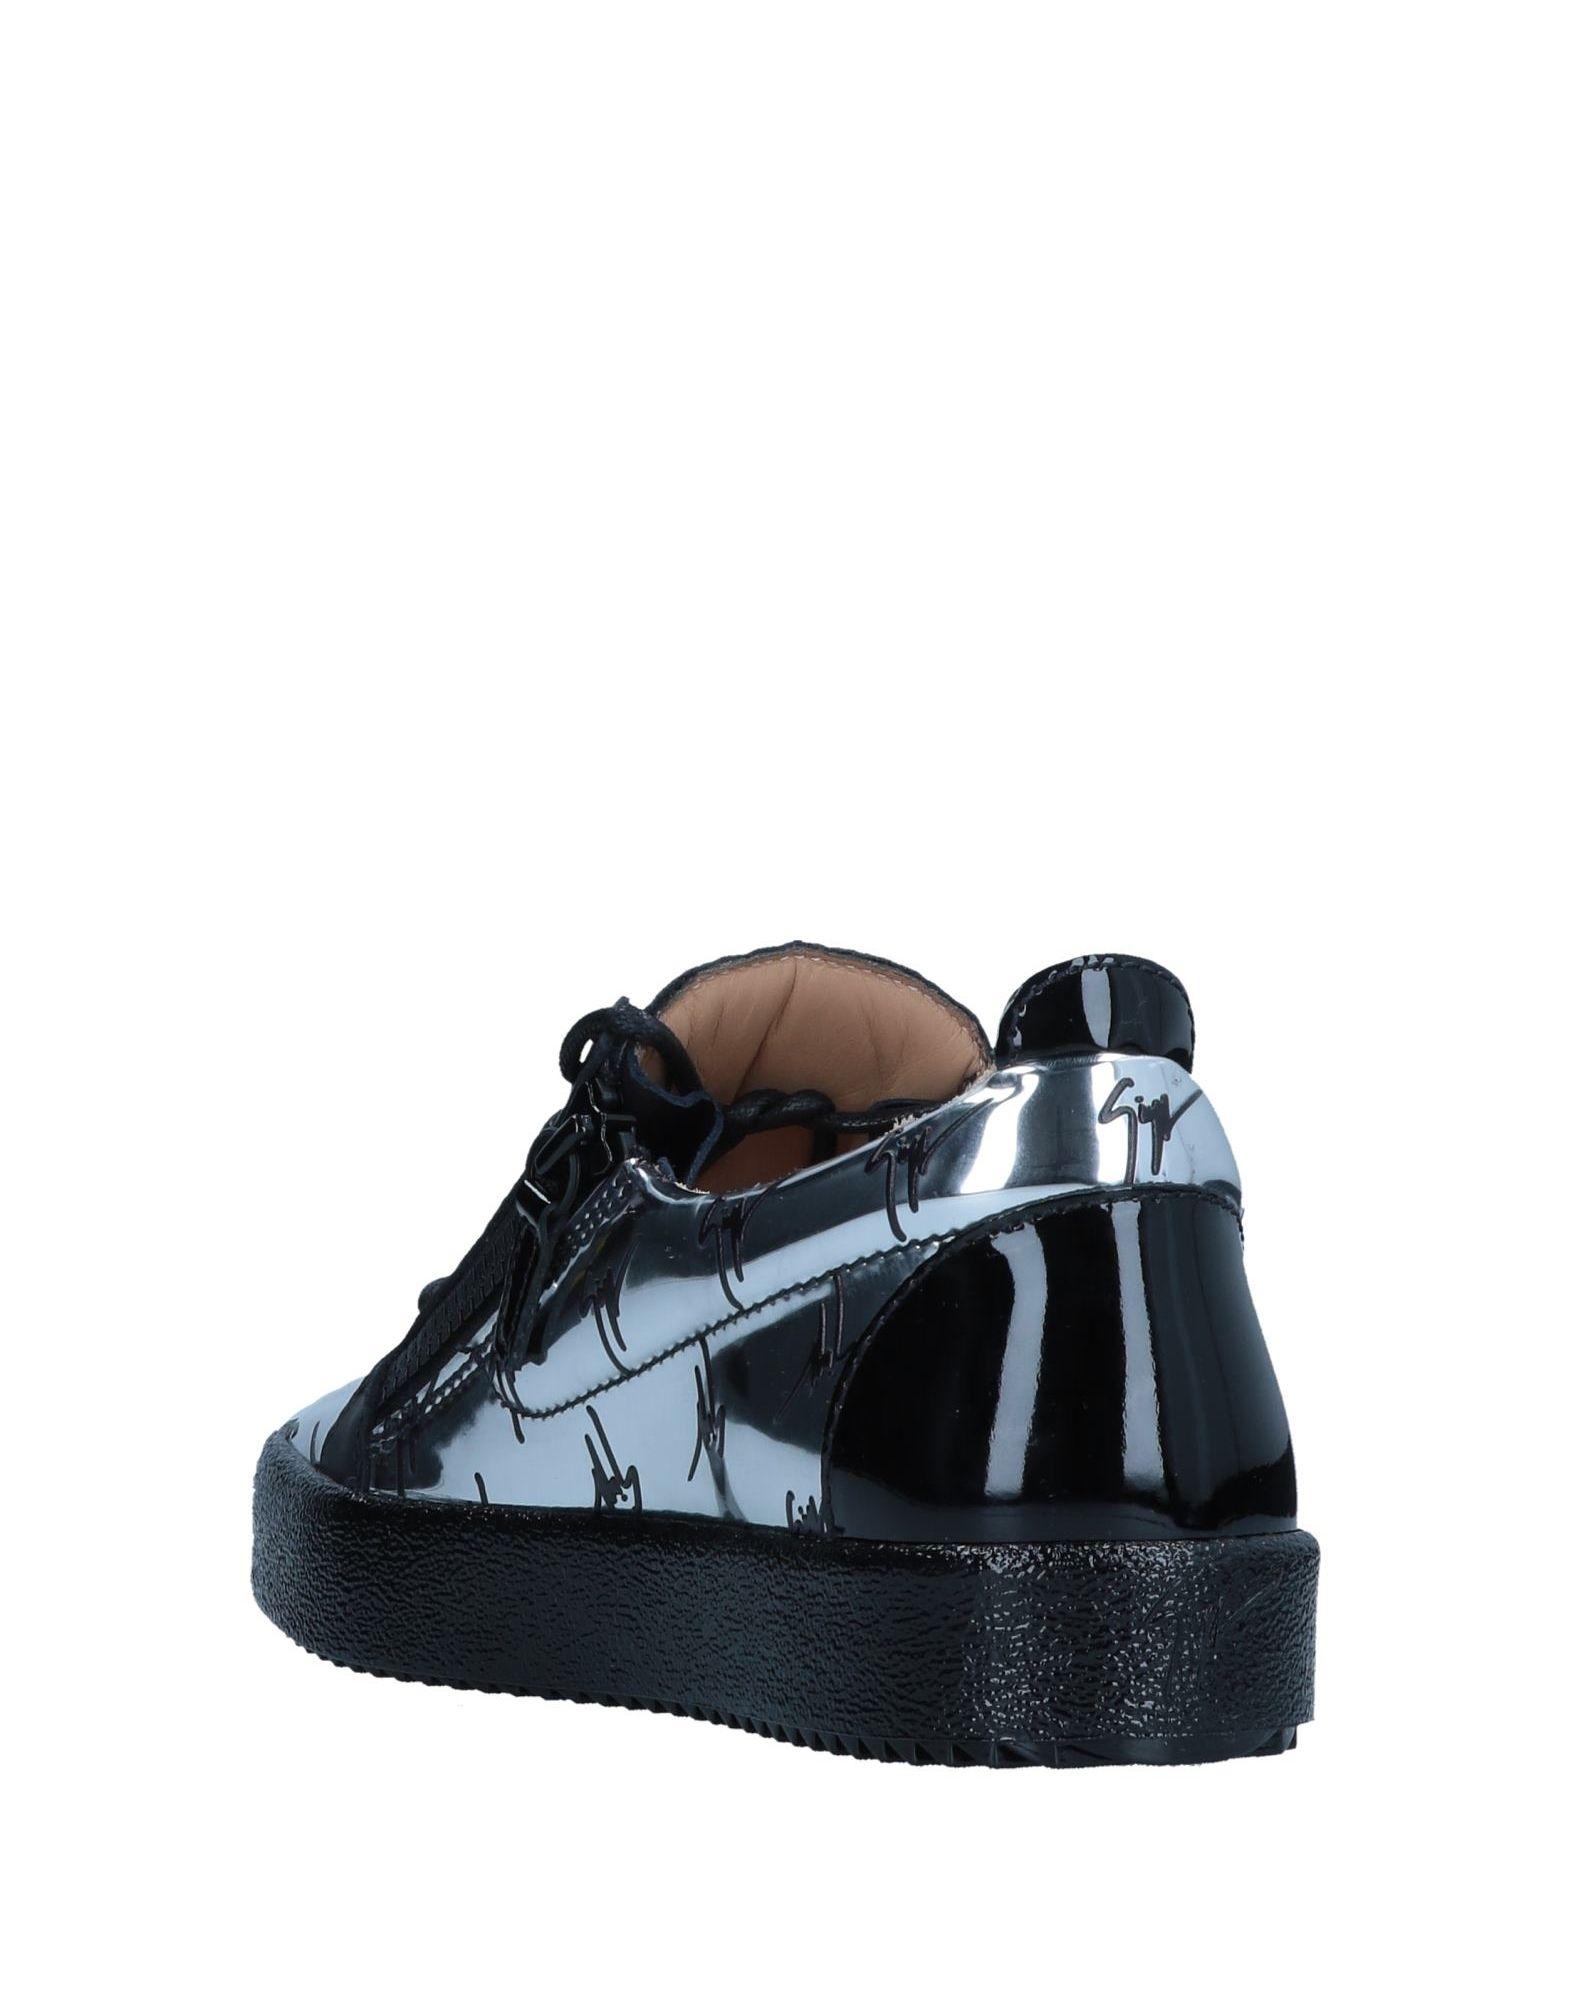 Giuseppe Zanotti Turnschuhes Damen 11547434UVGünstige Schuhe gut aussehende Schuhe 11547434UVGünstige 13a630